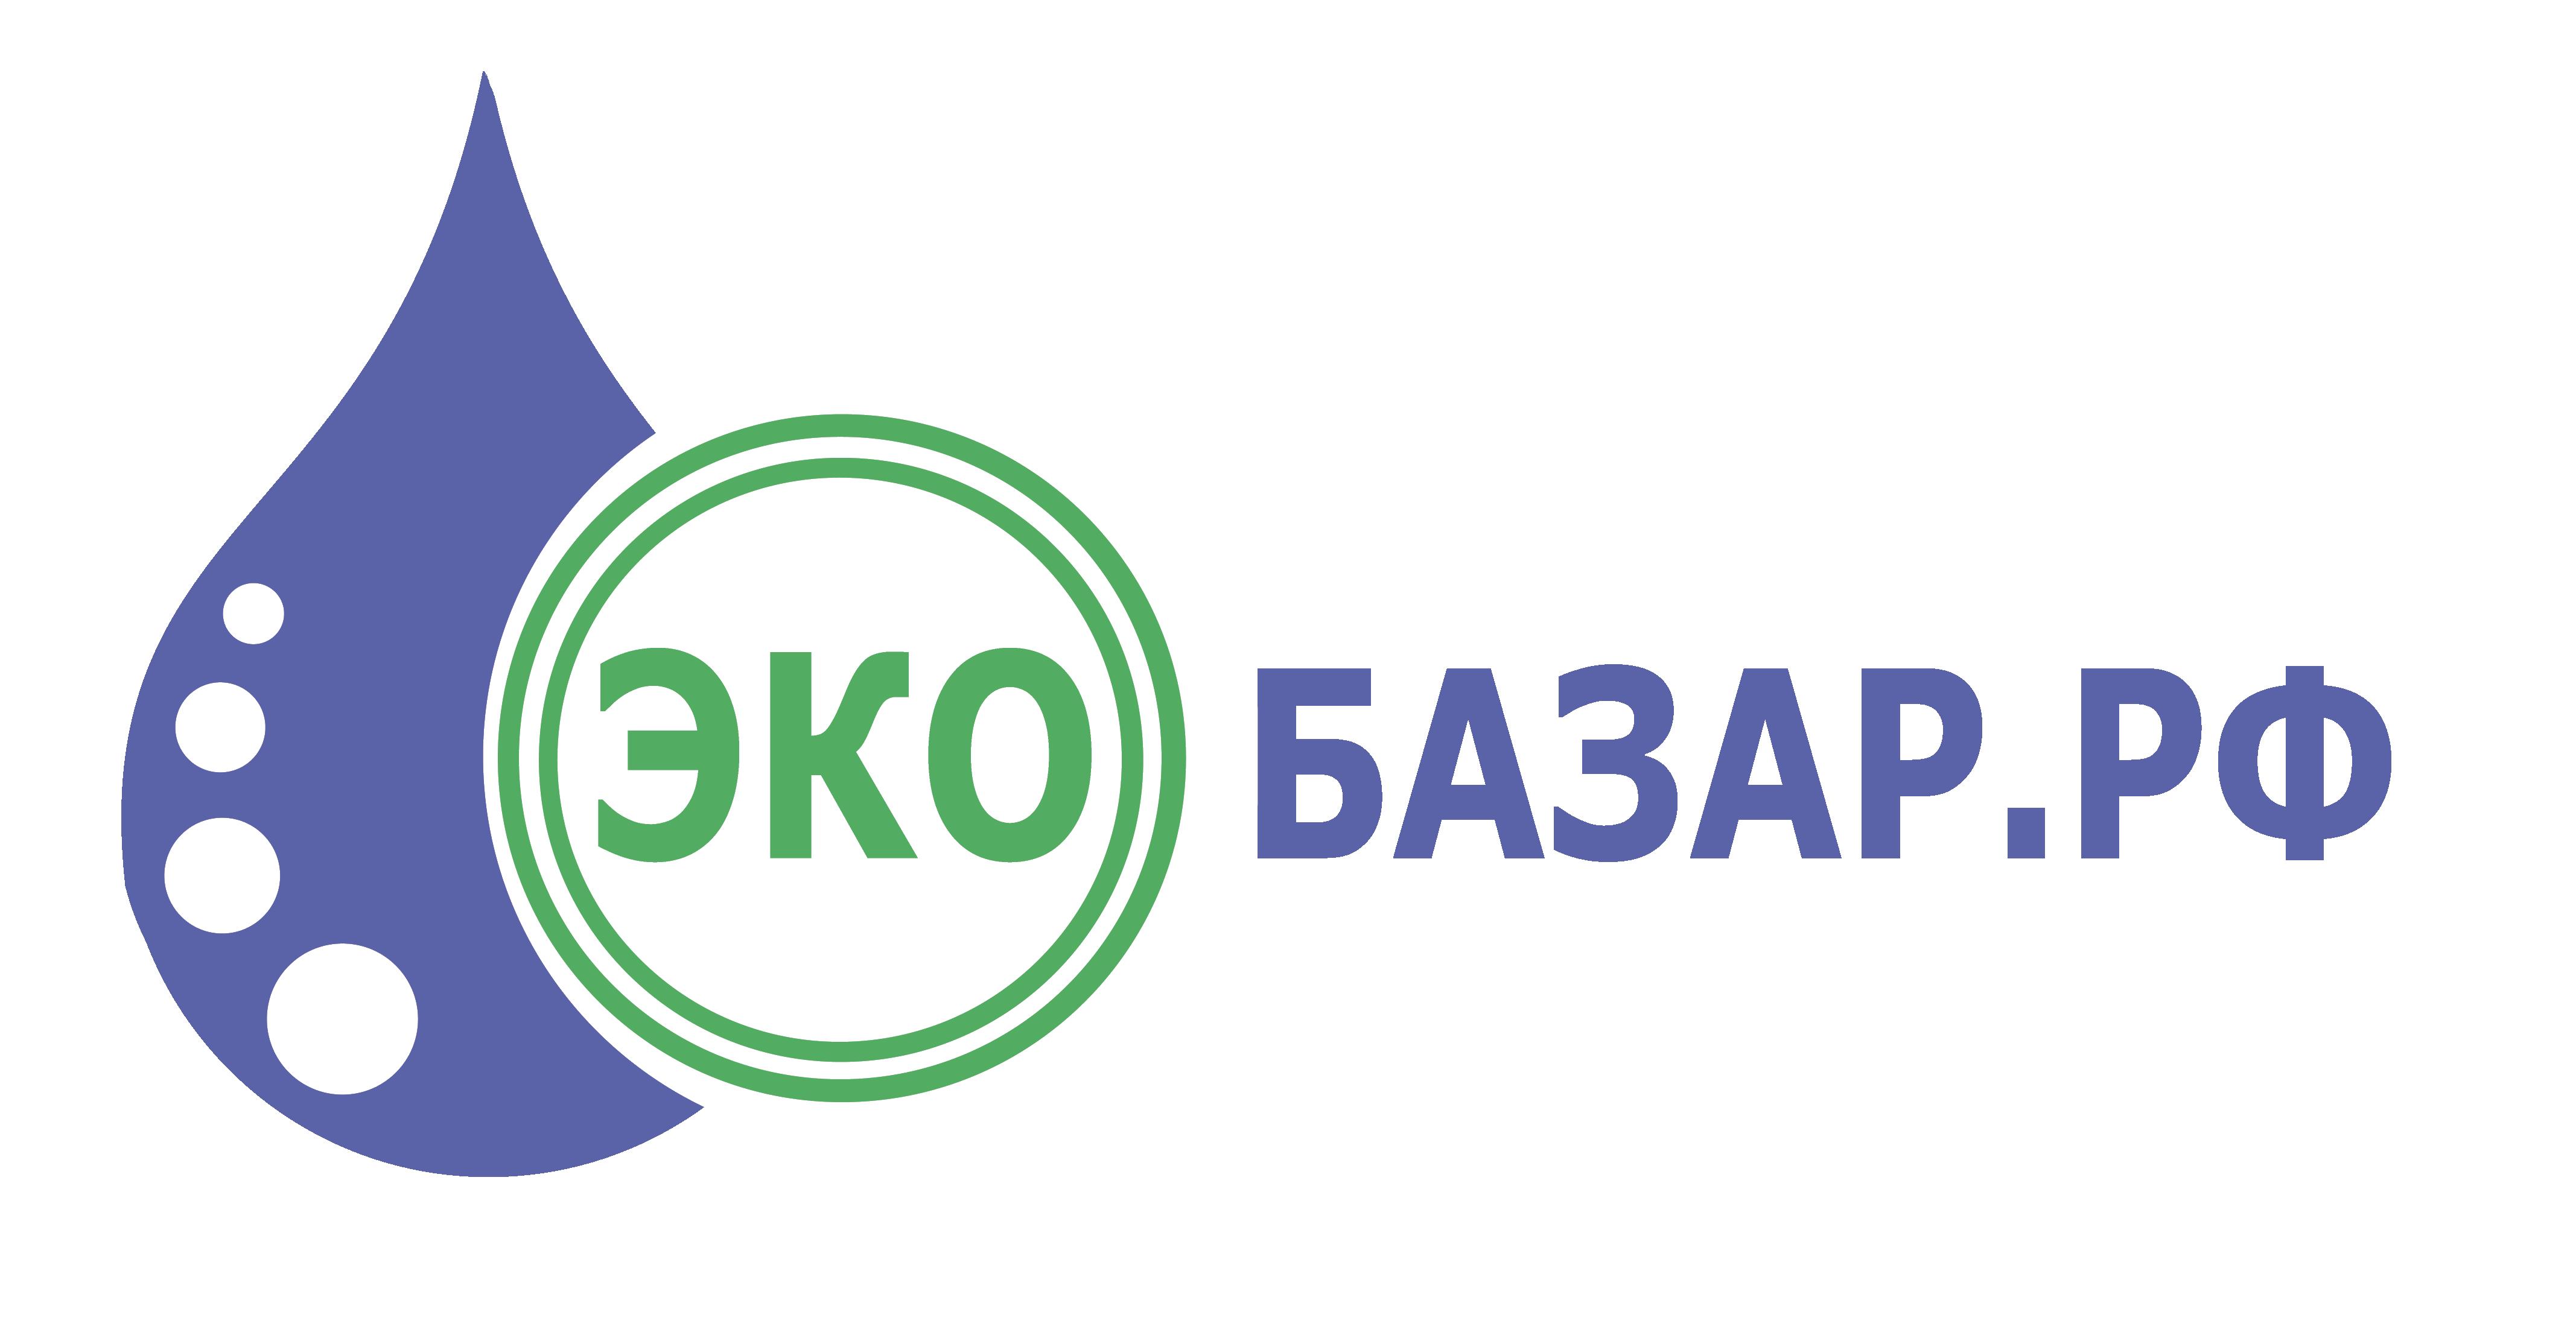 Логотип компании натуральных (фермерских) продуктов фото f_544593e9d222e2cb.png